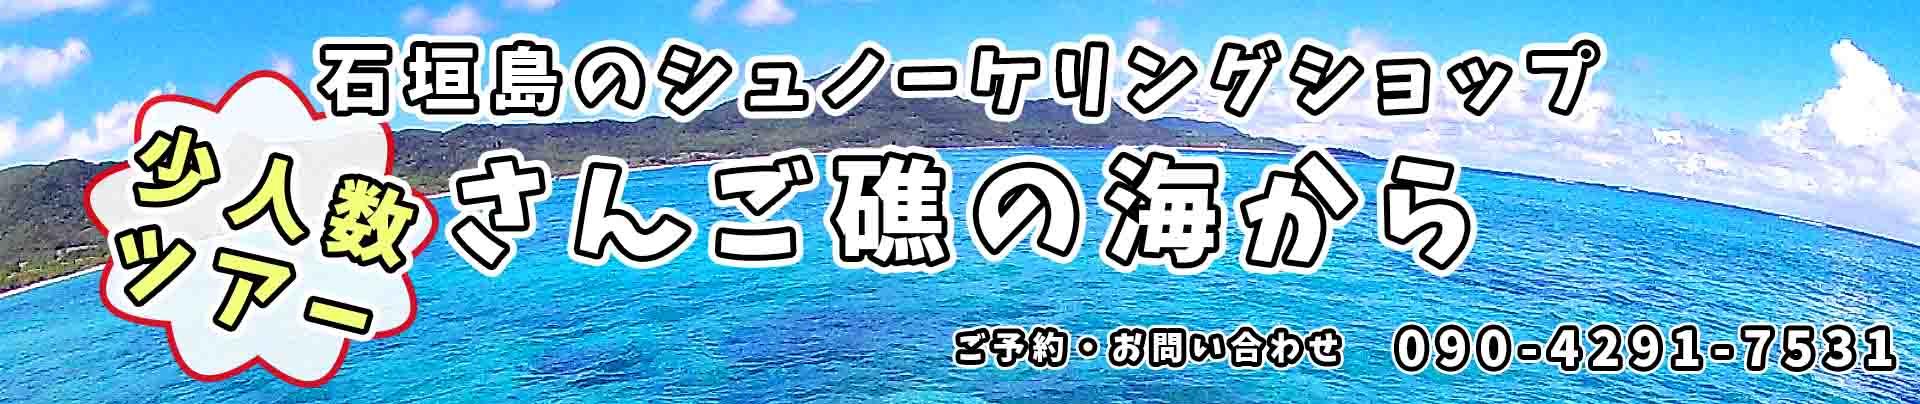 石垣島でシュノーケリング、少人数ツアーのさんご礁の海から